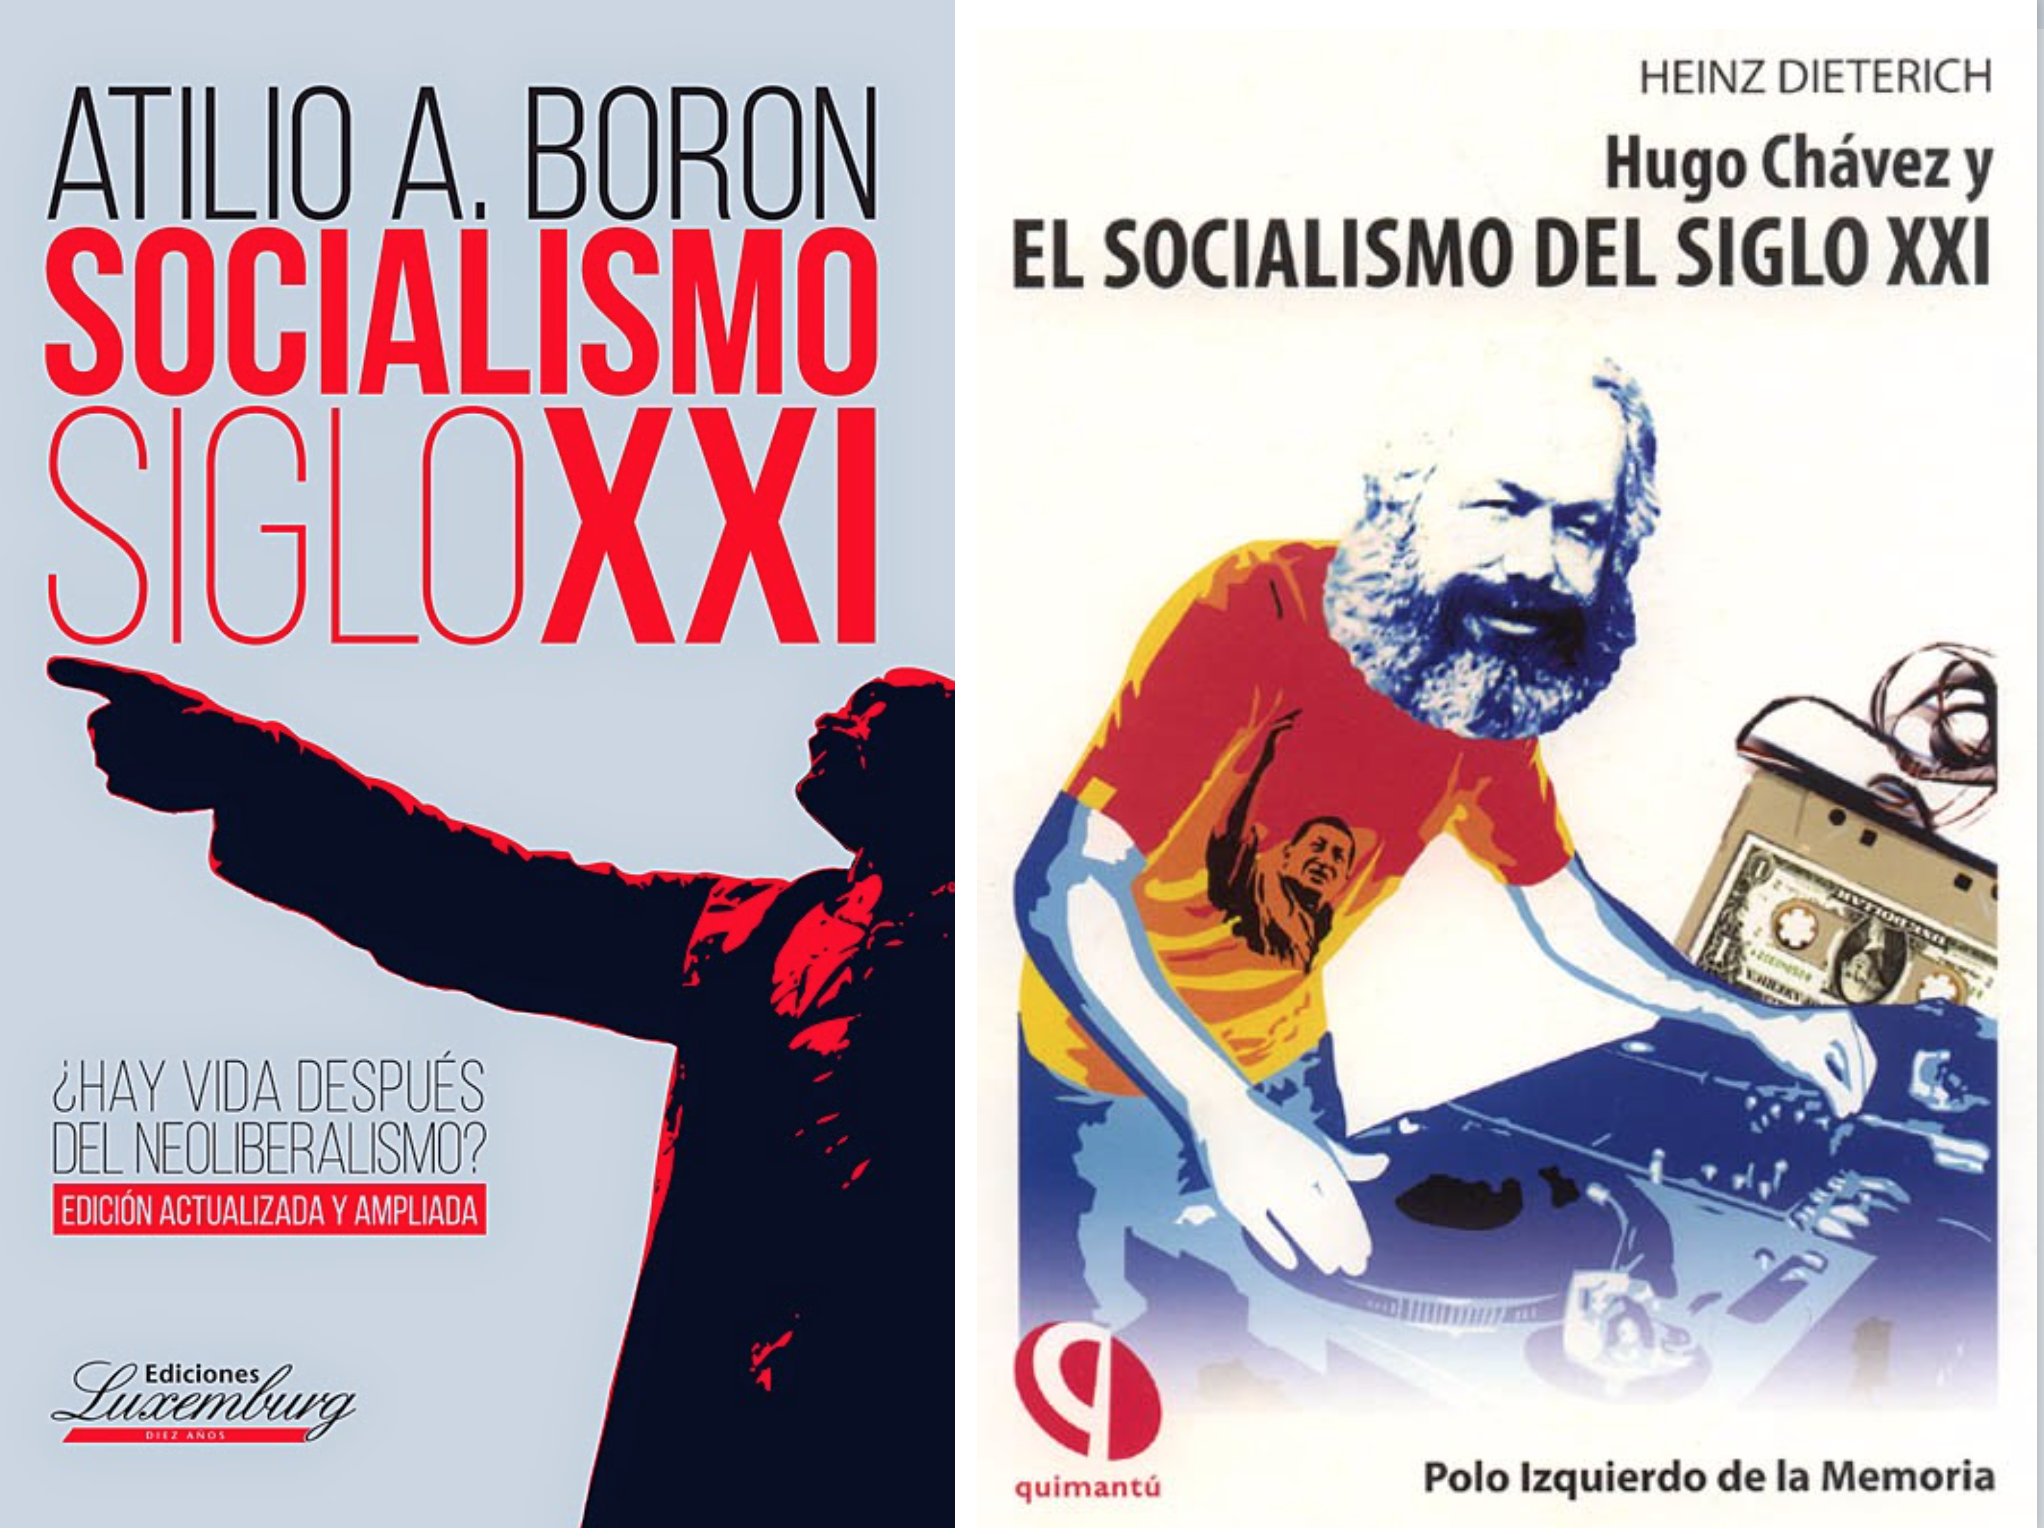 Heinz Dieterich, uno d los principales ideólogos del chavismo, ya se distanció del régimen venezolano y el sociólogo argentino, Atilio barón, sigue preso de los delirios paranoicos sobre una conspiración contra Maduro.